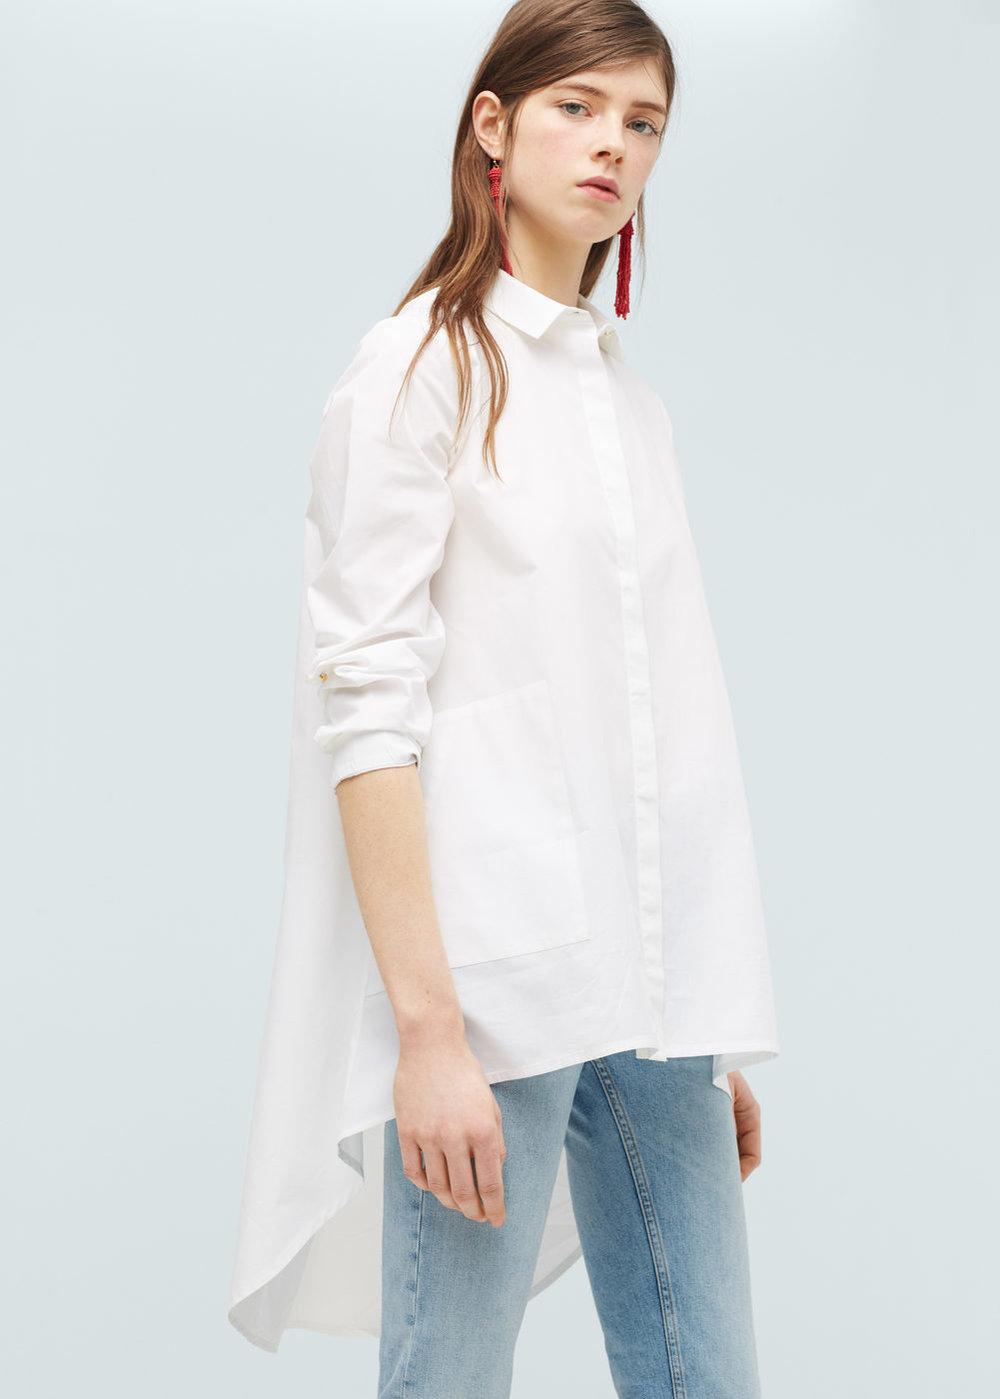 mango-shirt.jpg